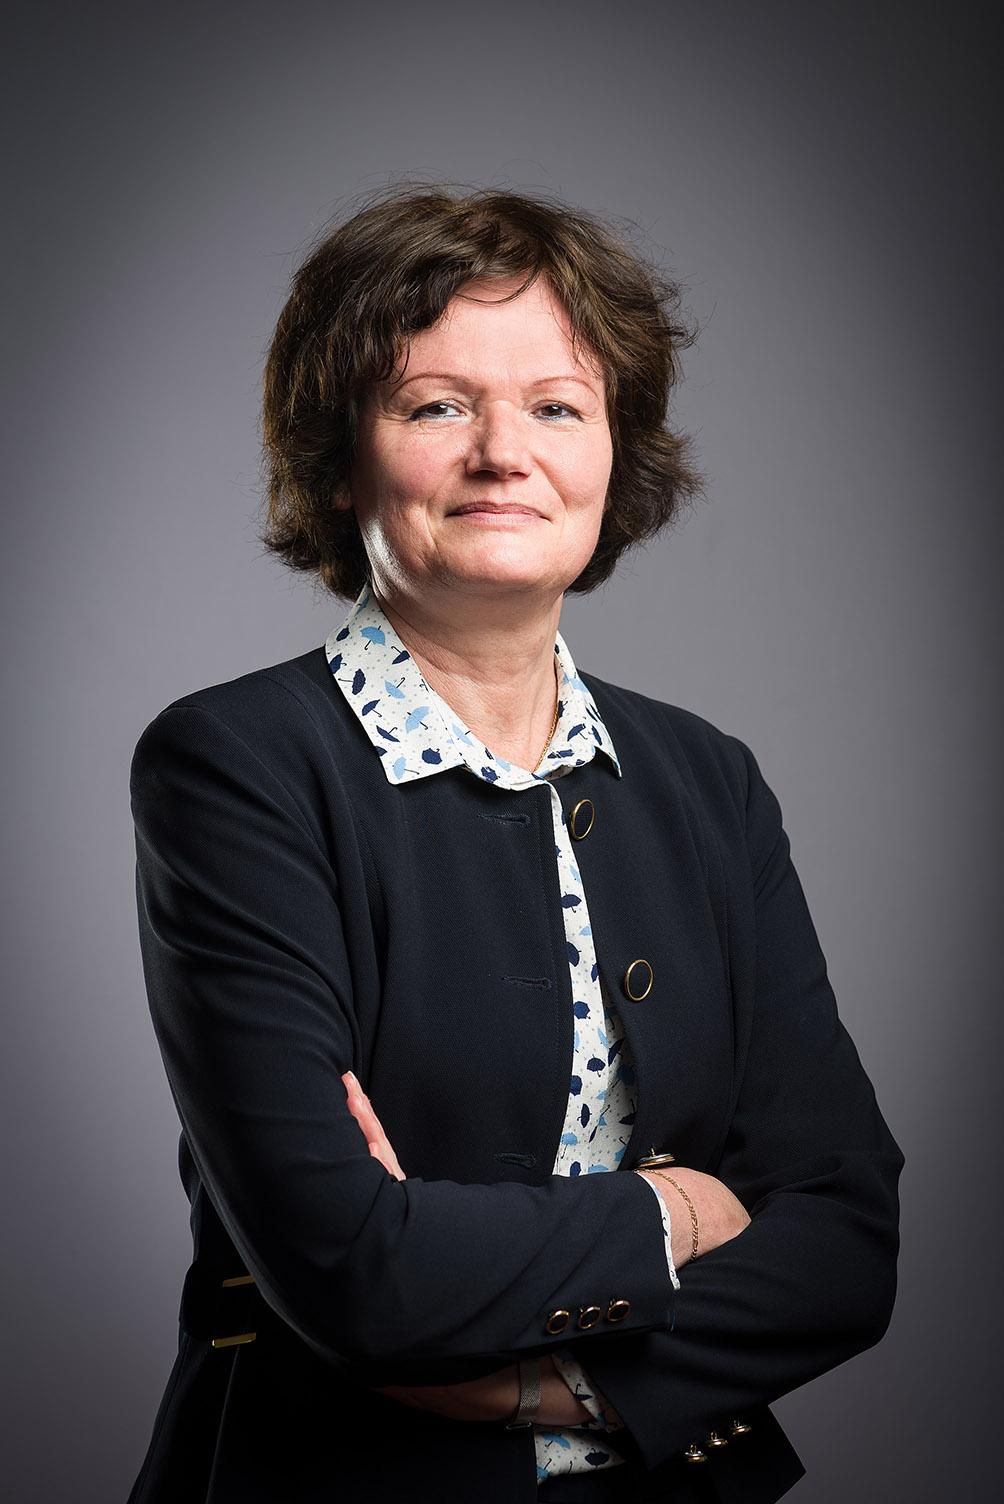 Patricia Peignot